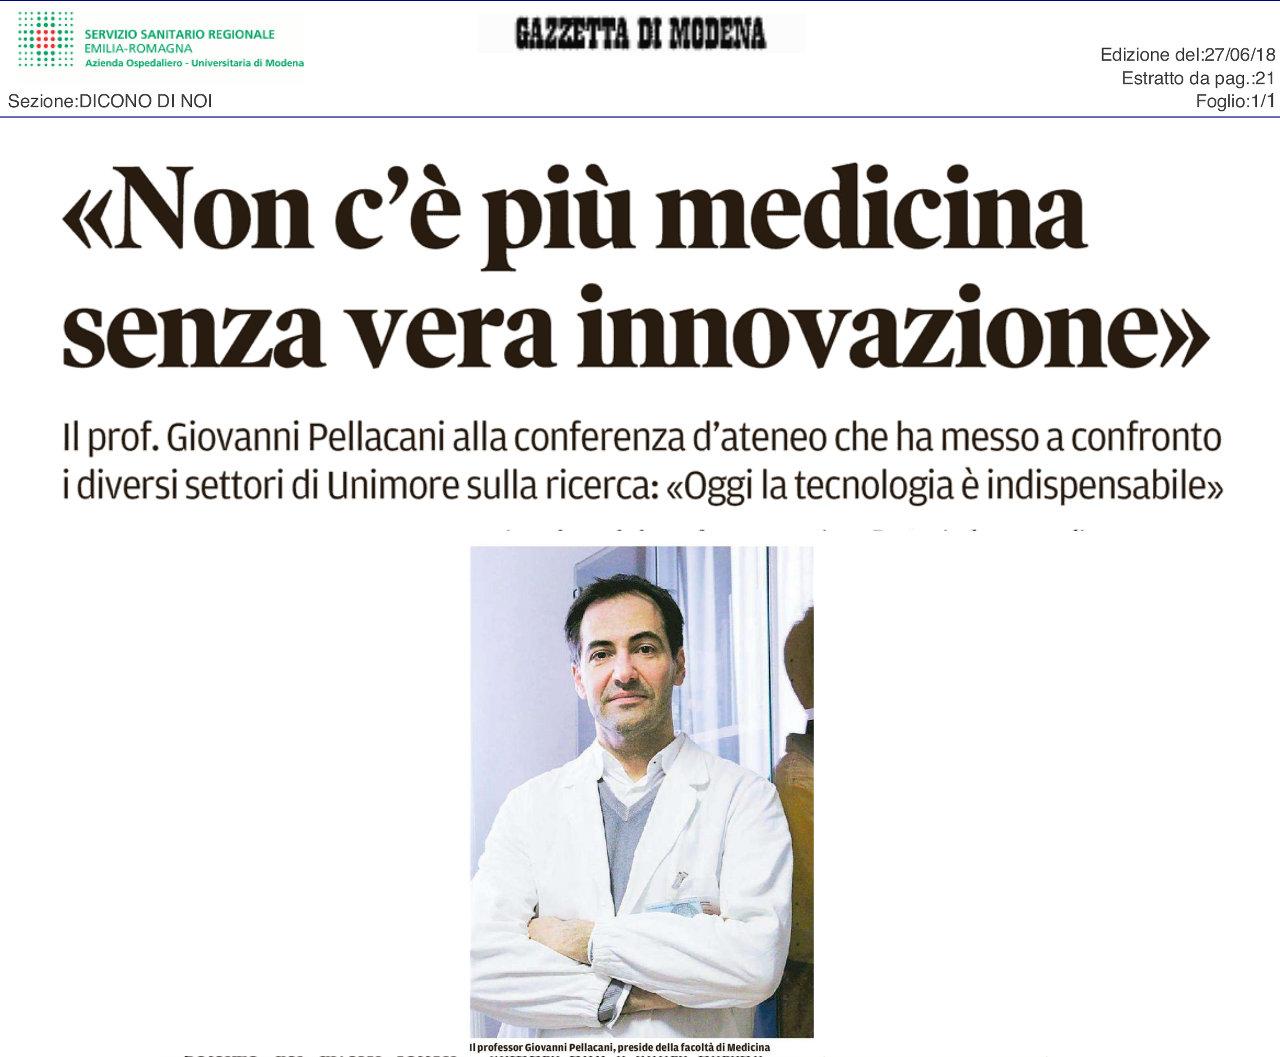 Non c'è più medicina senza vera innovazione